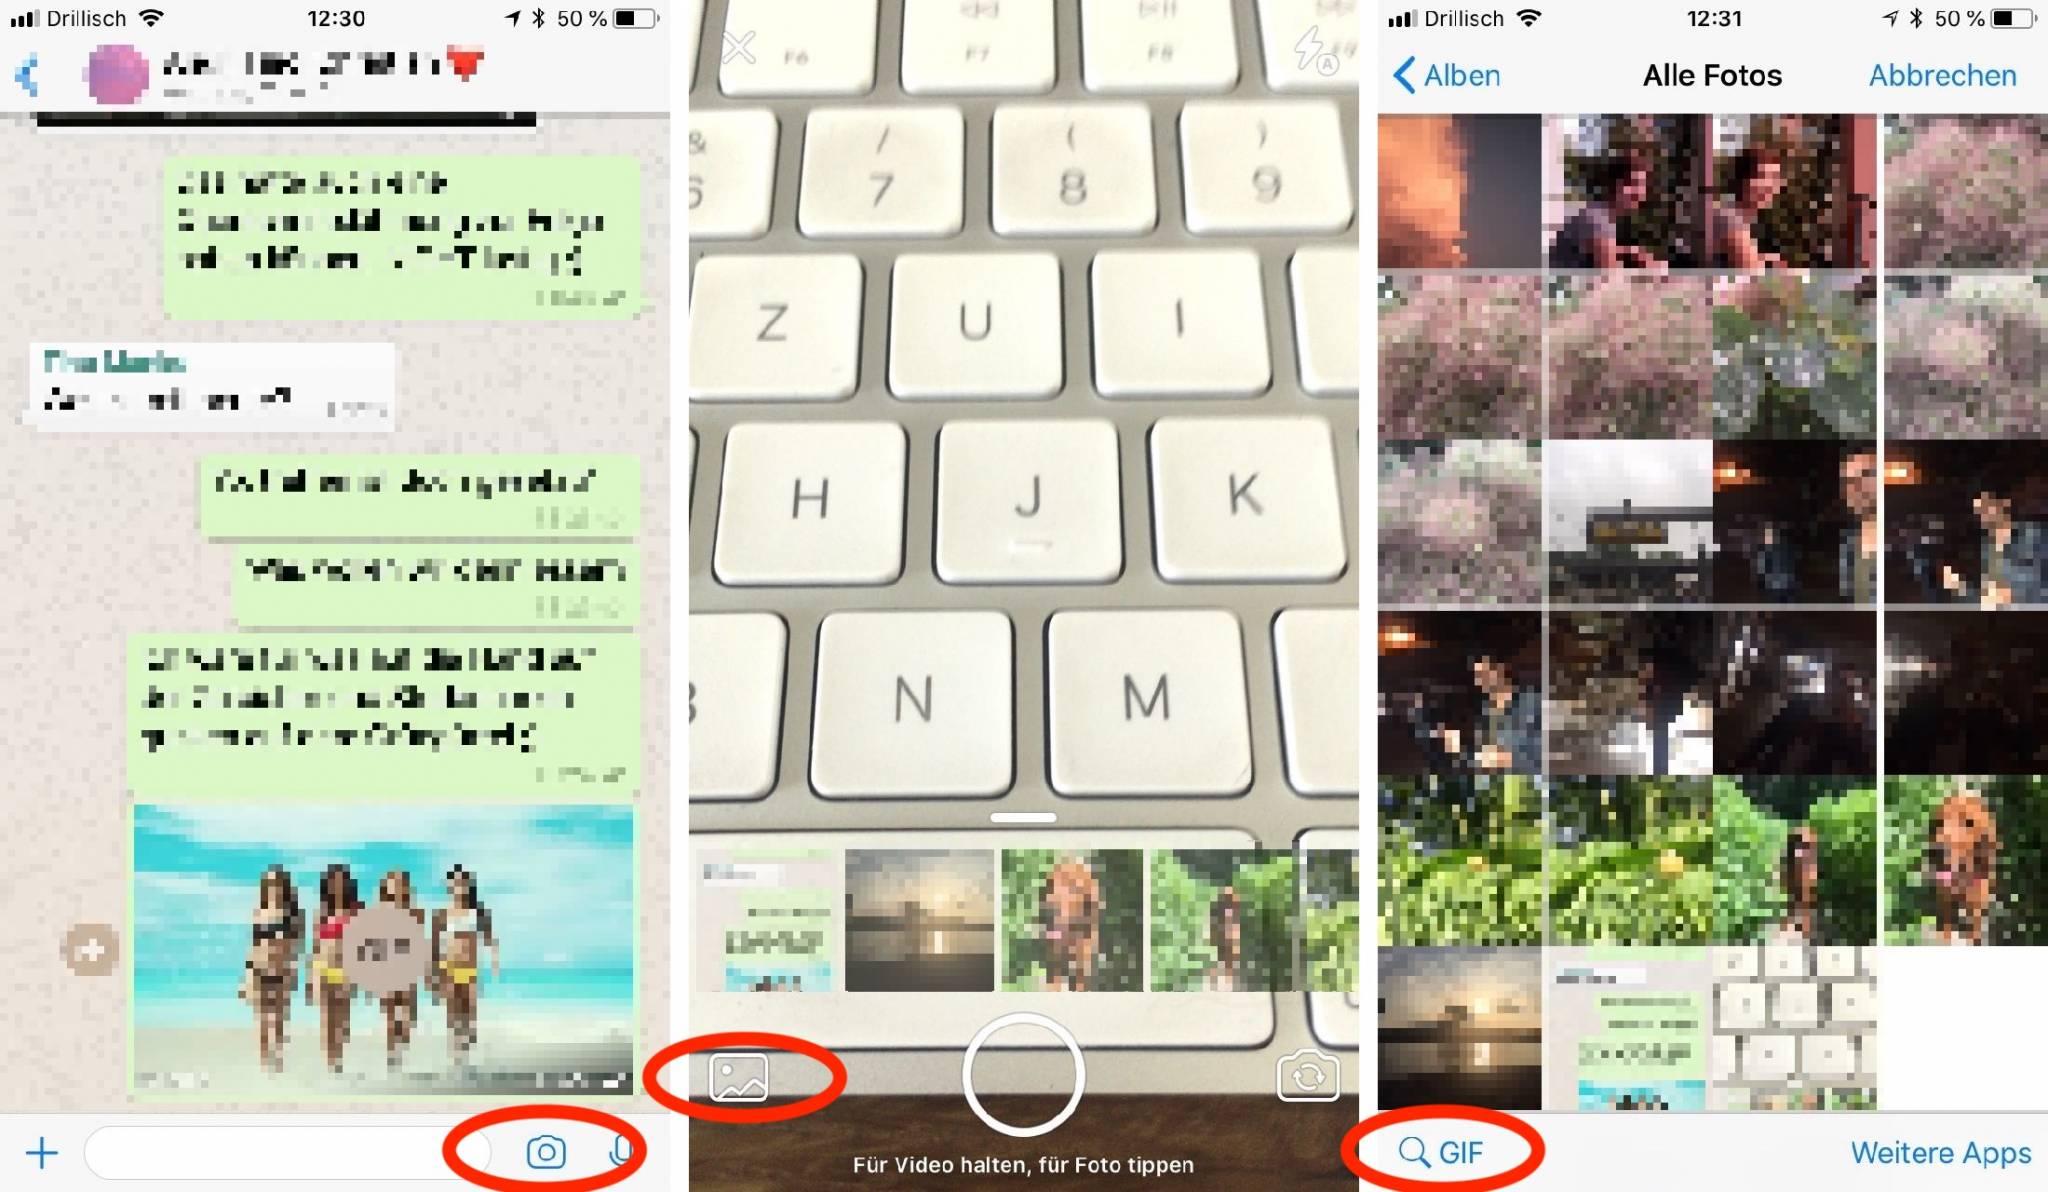 Die GIF-Funktion in WhatsApp ist in der Bilder-Funktion versteckt.